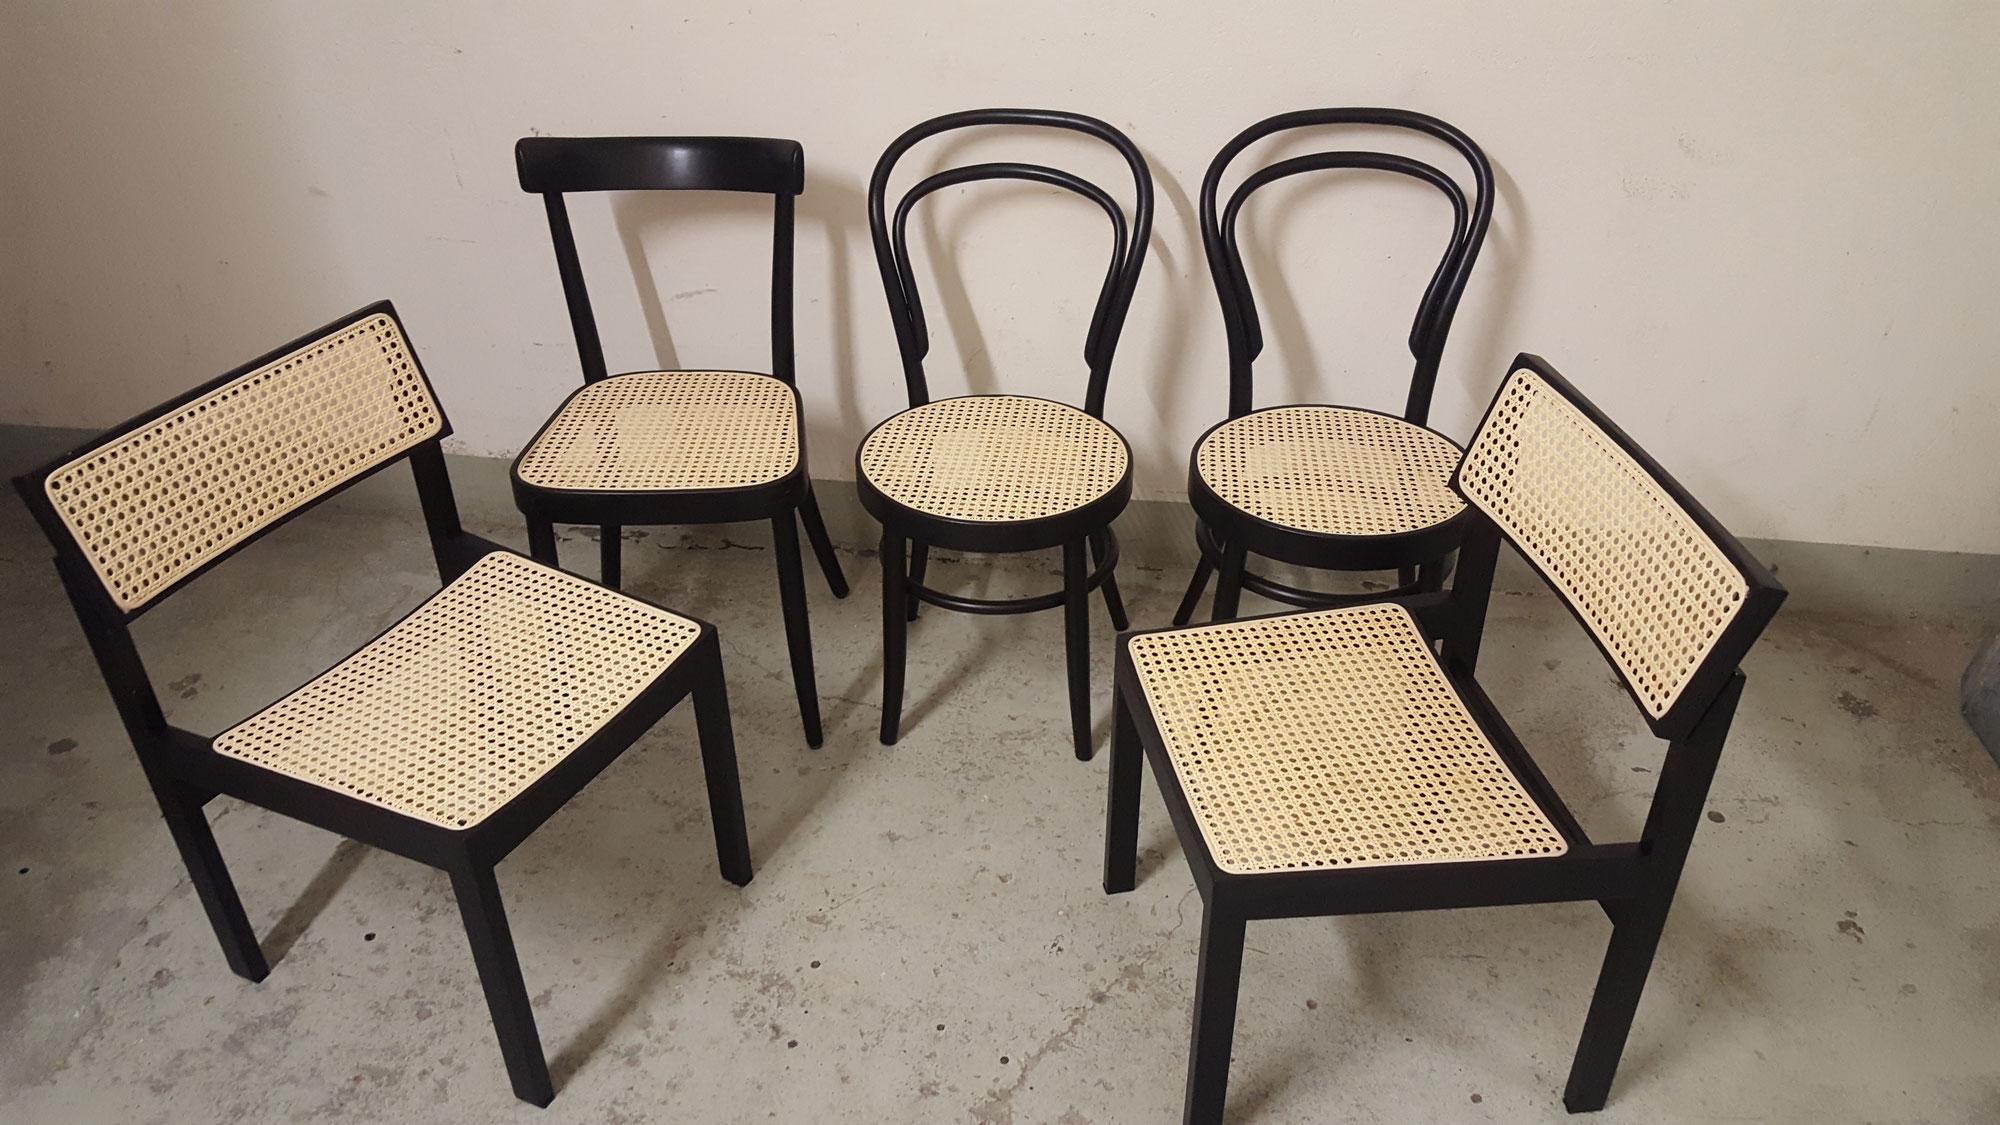 Schwarze Stühle aufgefrischt